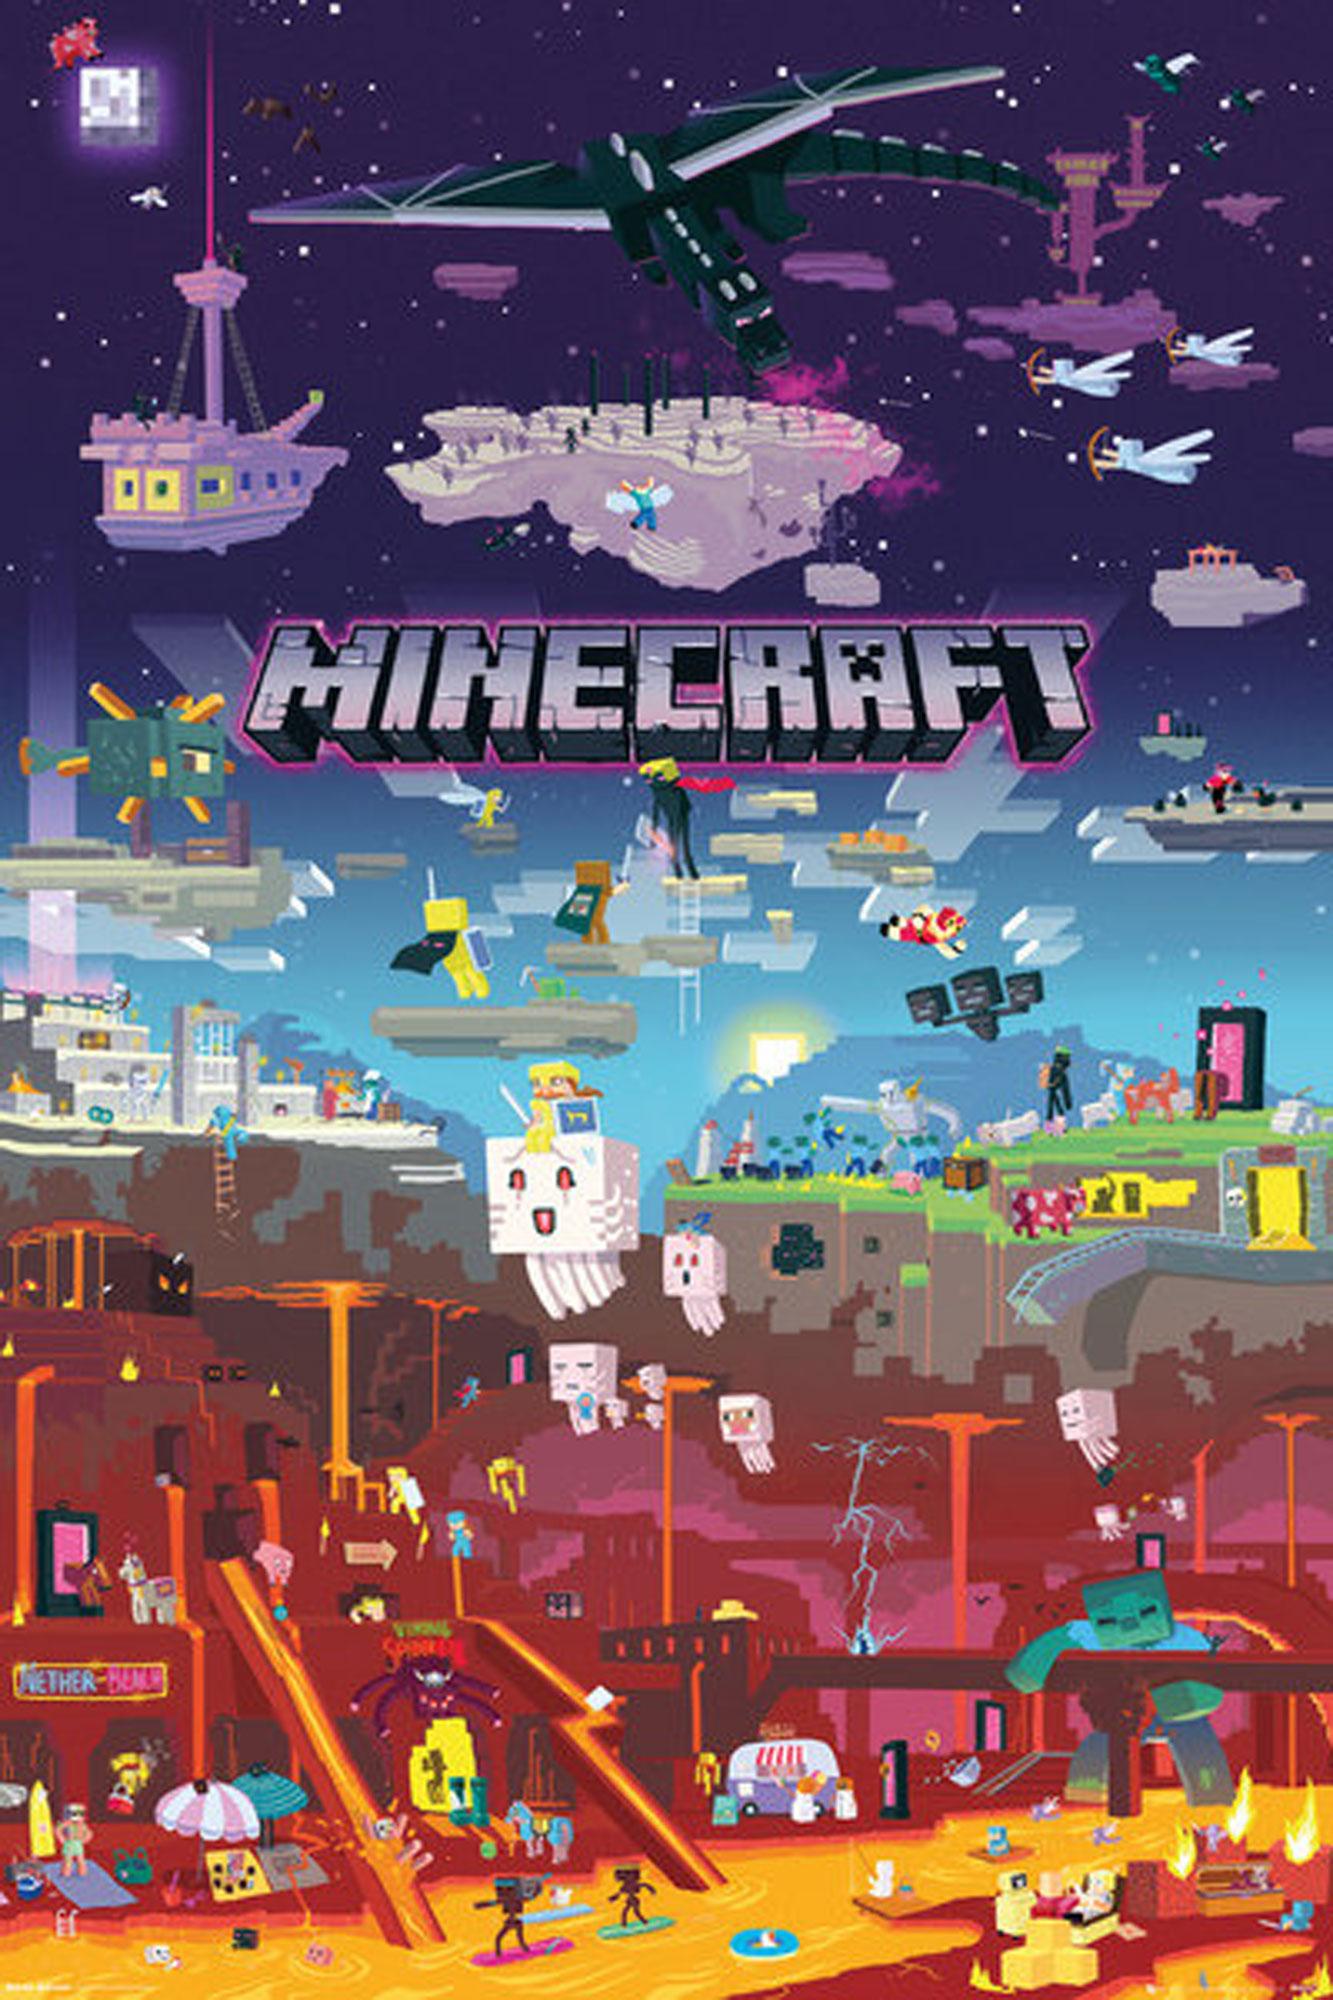 Minecraft - World Beyond - Poster - 61x91,5